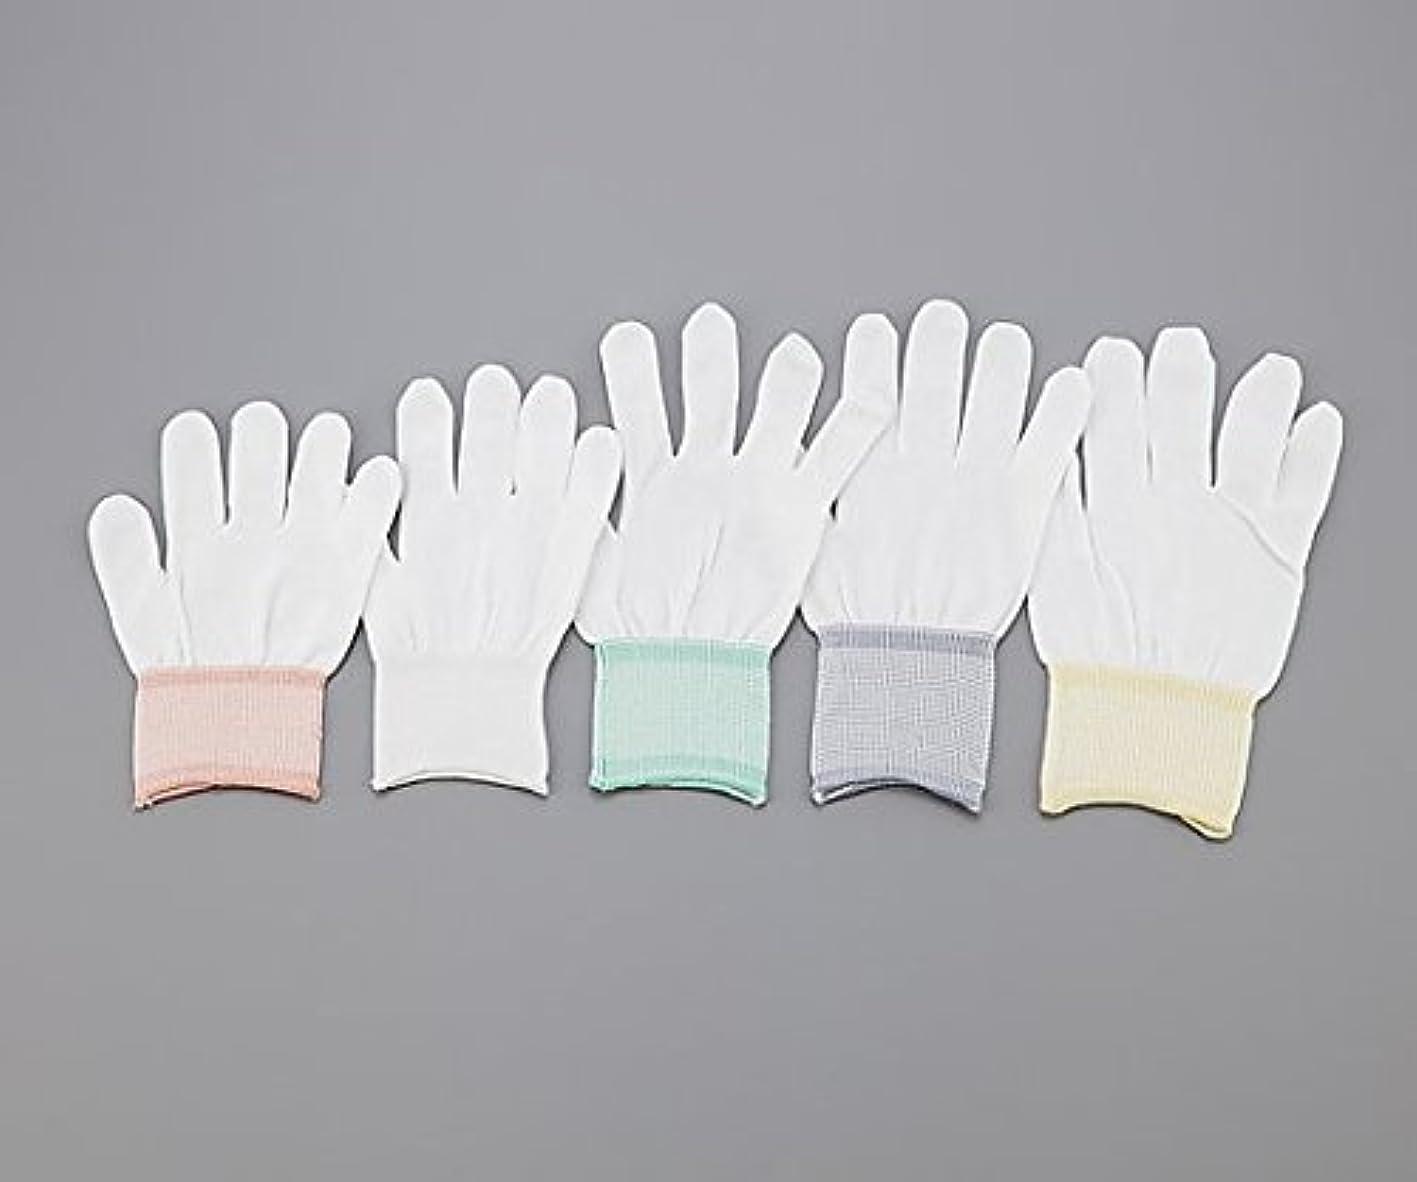 消費車両雑品アズピュア(アズワン)1-4294-01アズピュアインナー手袋指先有りS10双20枚